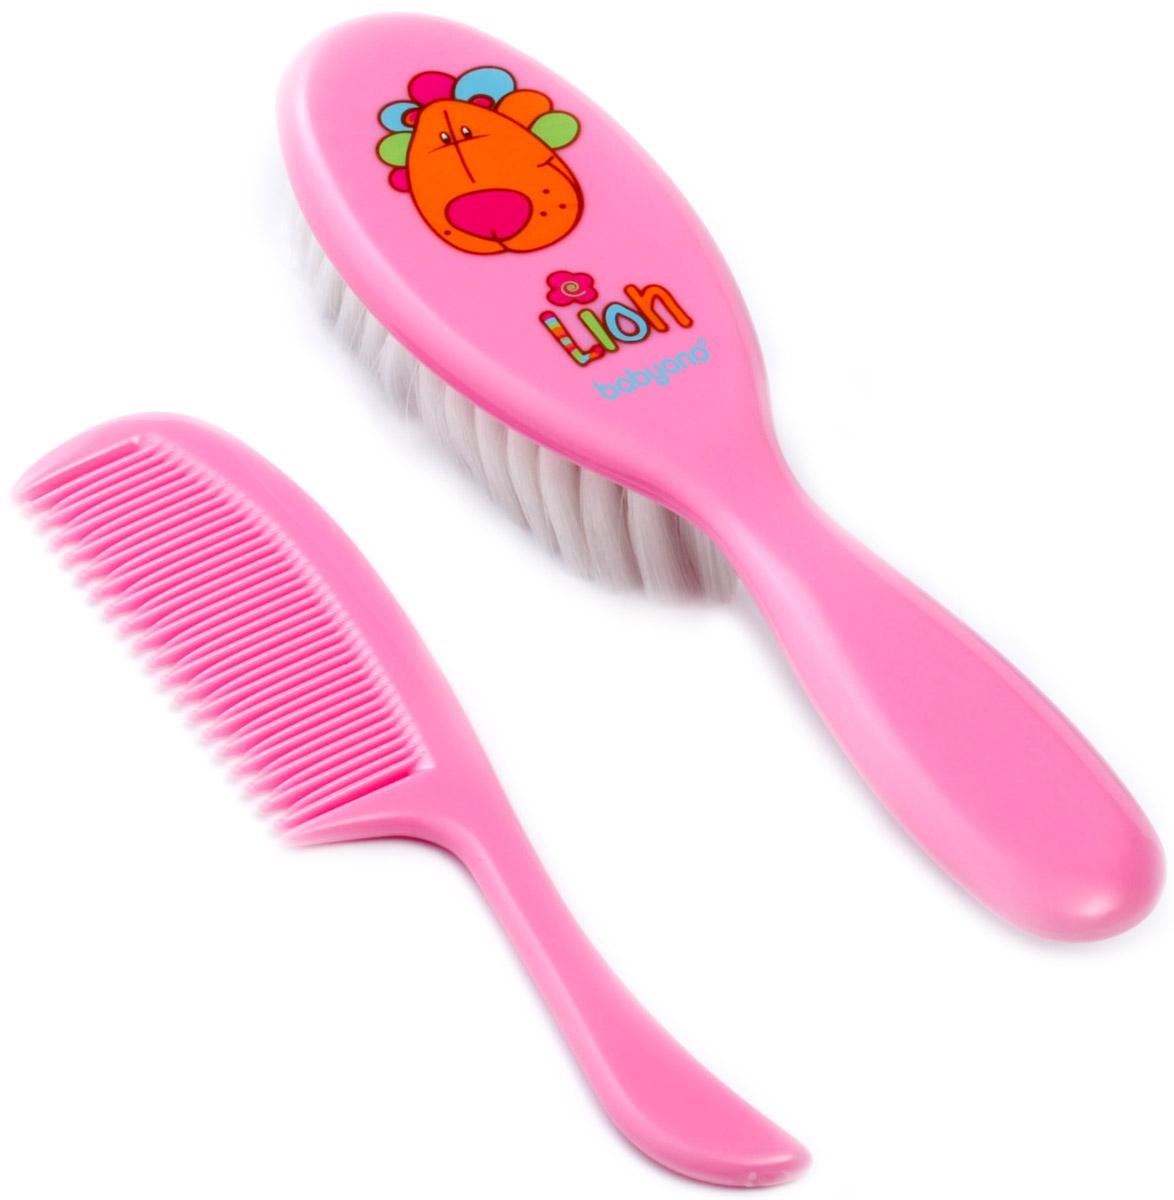 BabyOno Набор детский Лев Расческа и щетка для волос цвет розовый babyono набор детский расческа и щетка для волос цвет светло коралловый